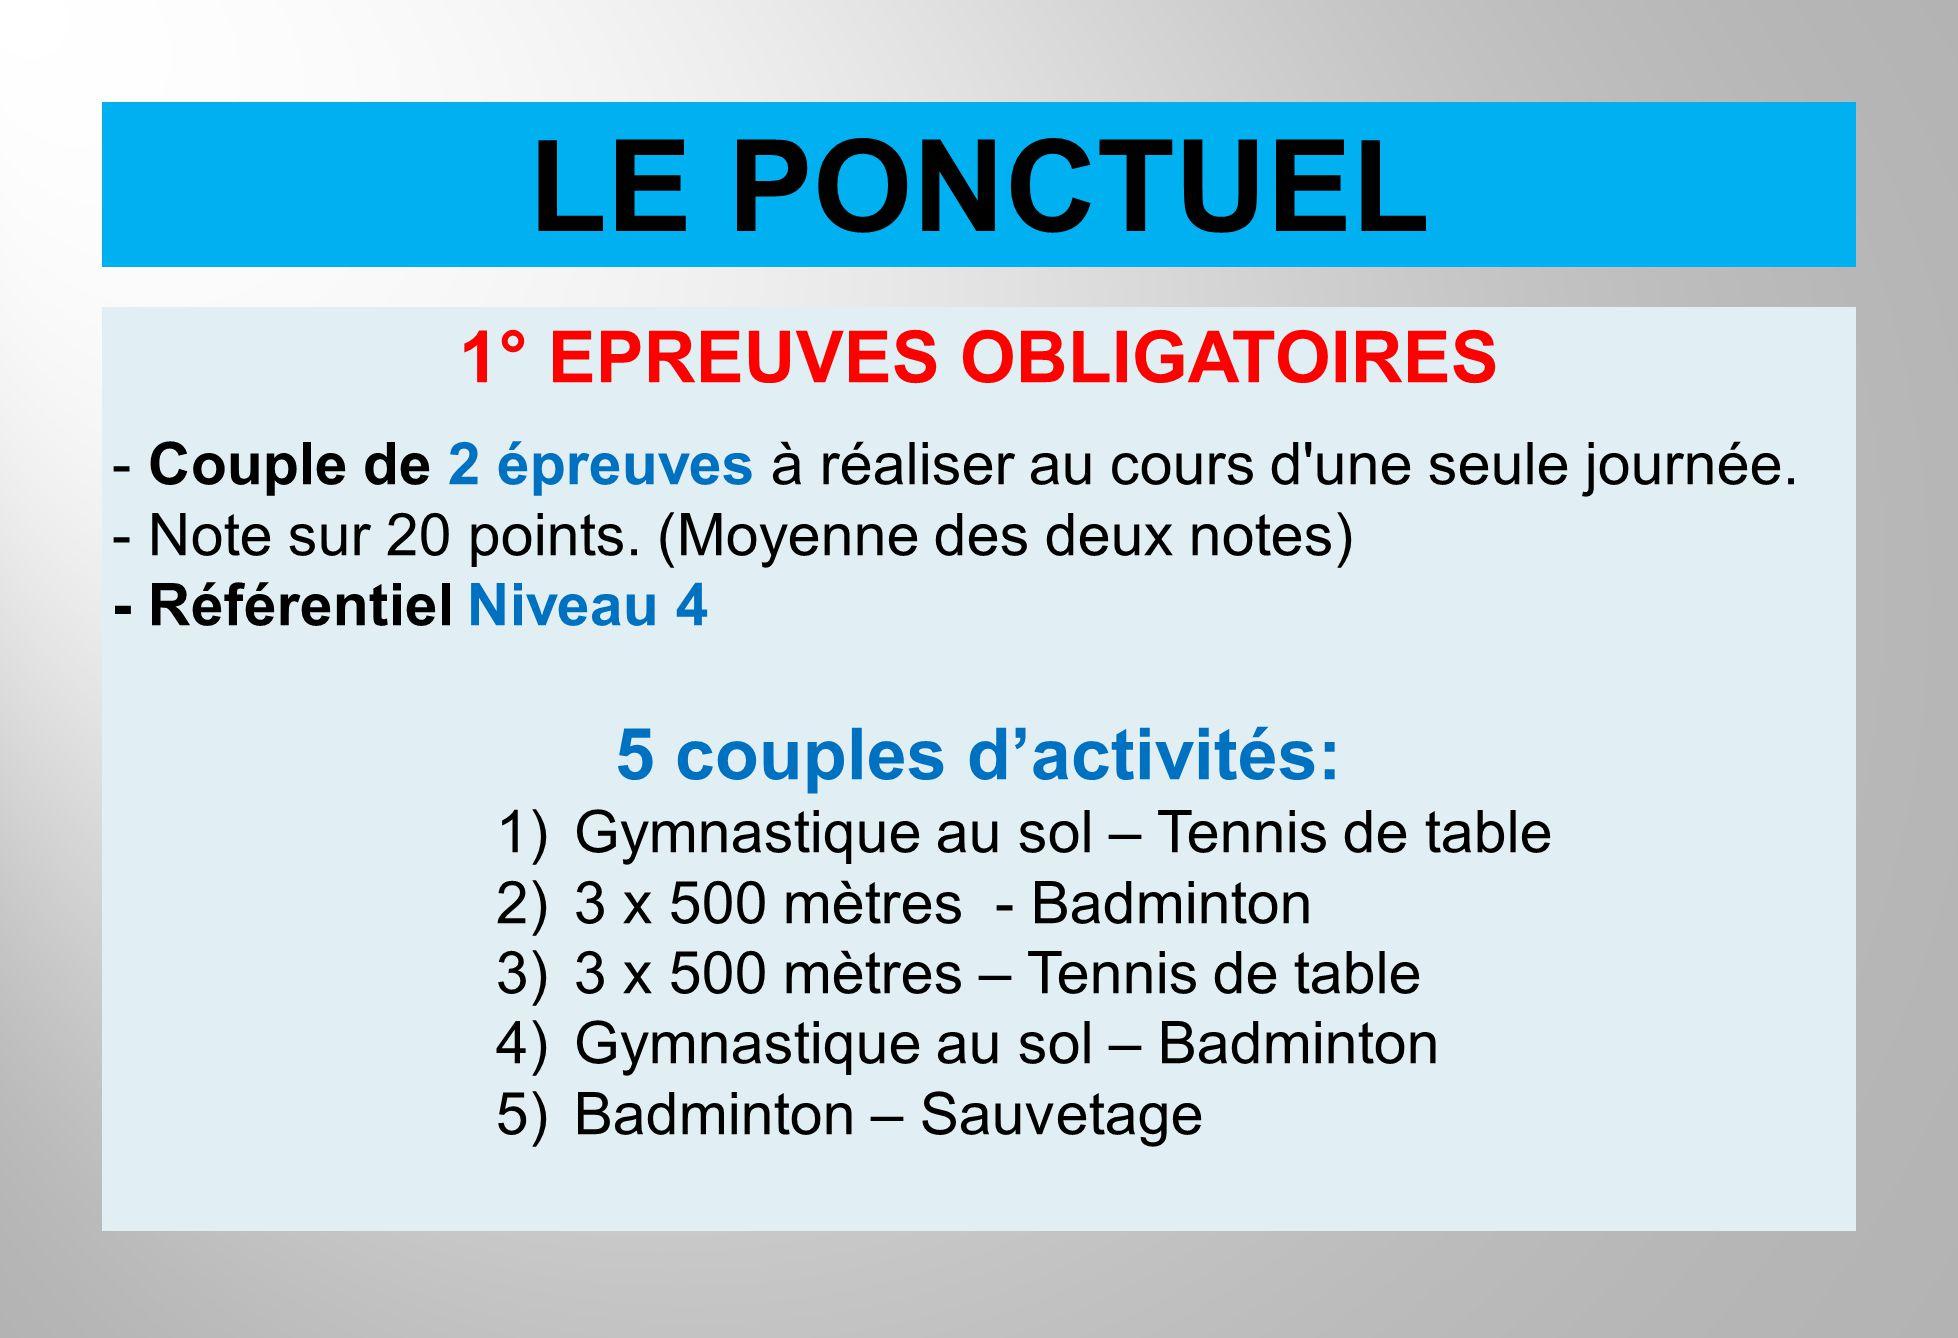 LE PONCTUEL 1° EPREUVES OBLIGATOIRES - Couple de 2 épreuves à réaliser au cours d'une seule journée. - Note sur 20 points. (Moyenne des deux notes) -